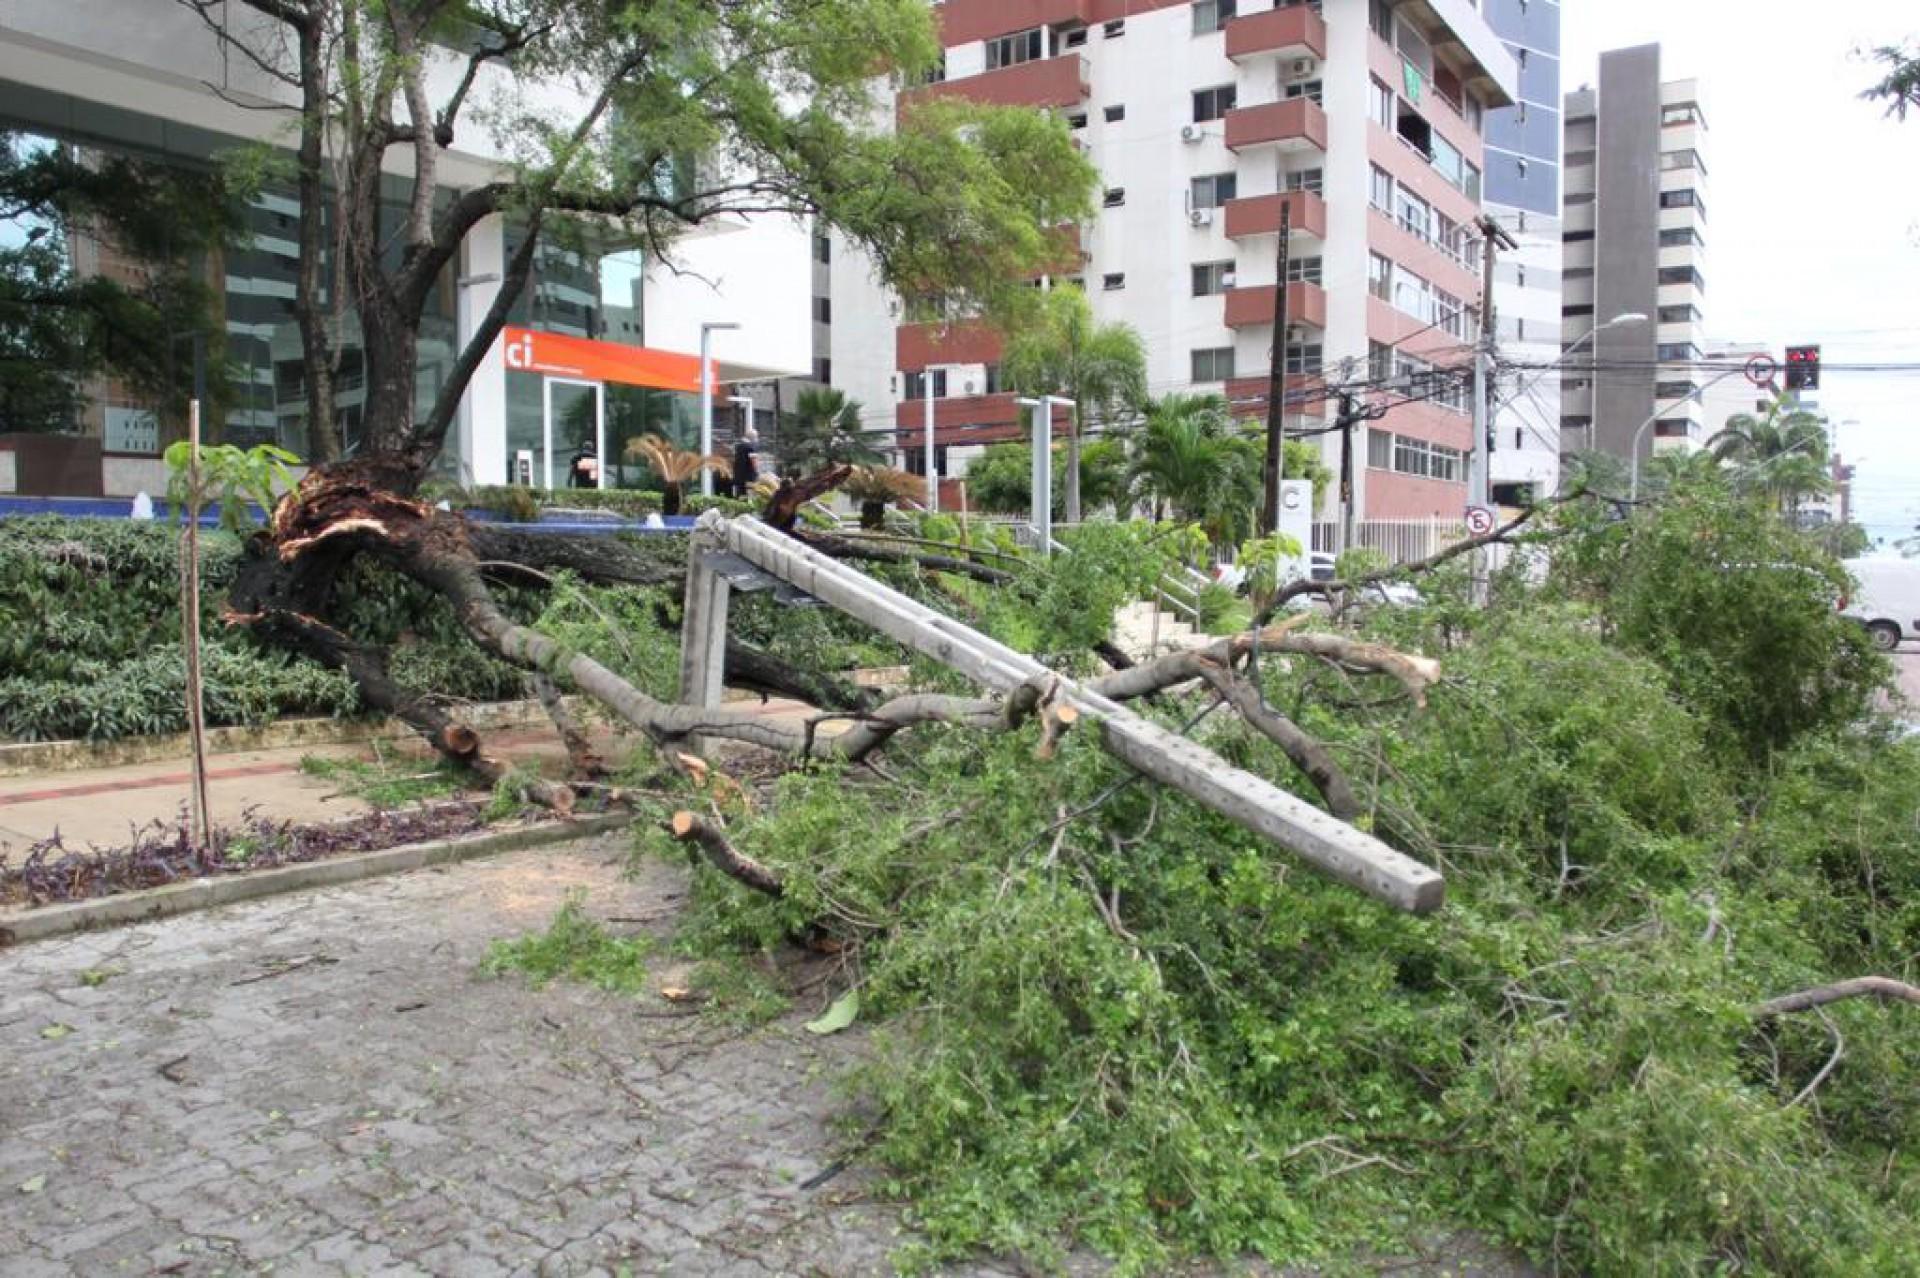 Árvore atingiu um poste de luz e bloqueou trecho da avenida Desembargador Moreira, em Fortaleza